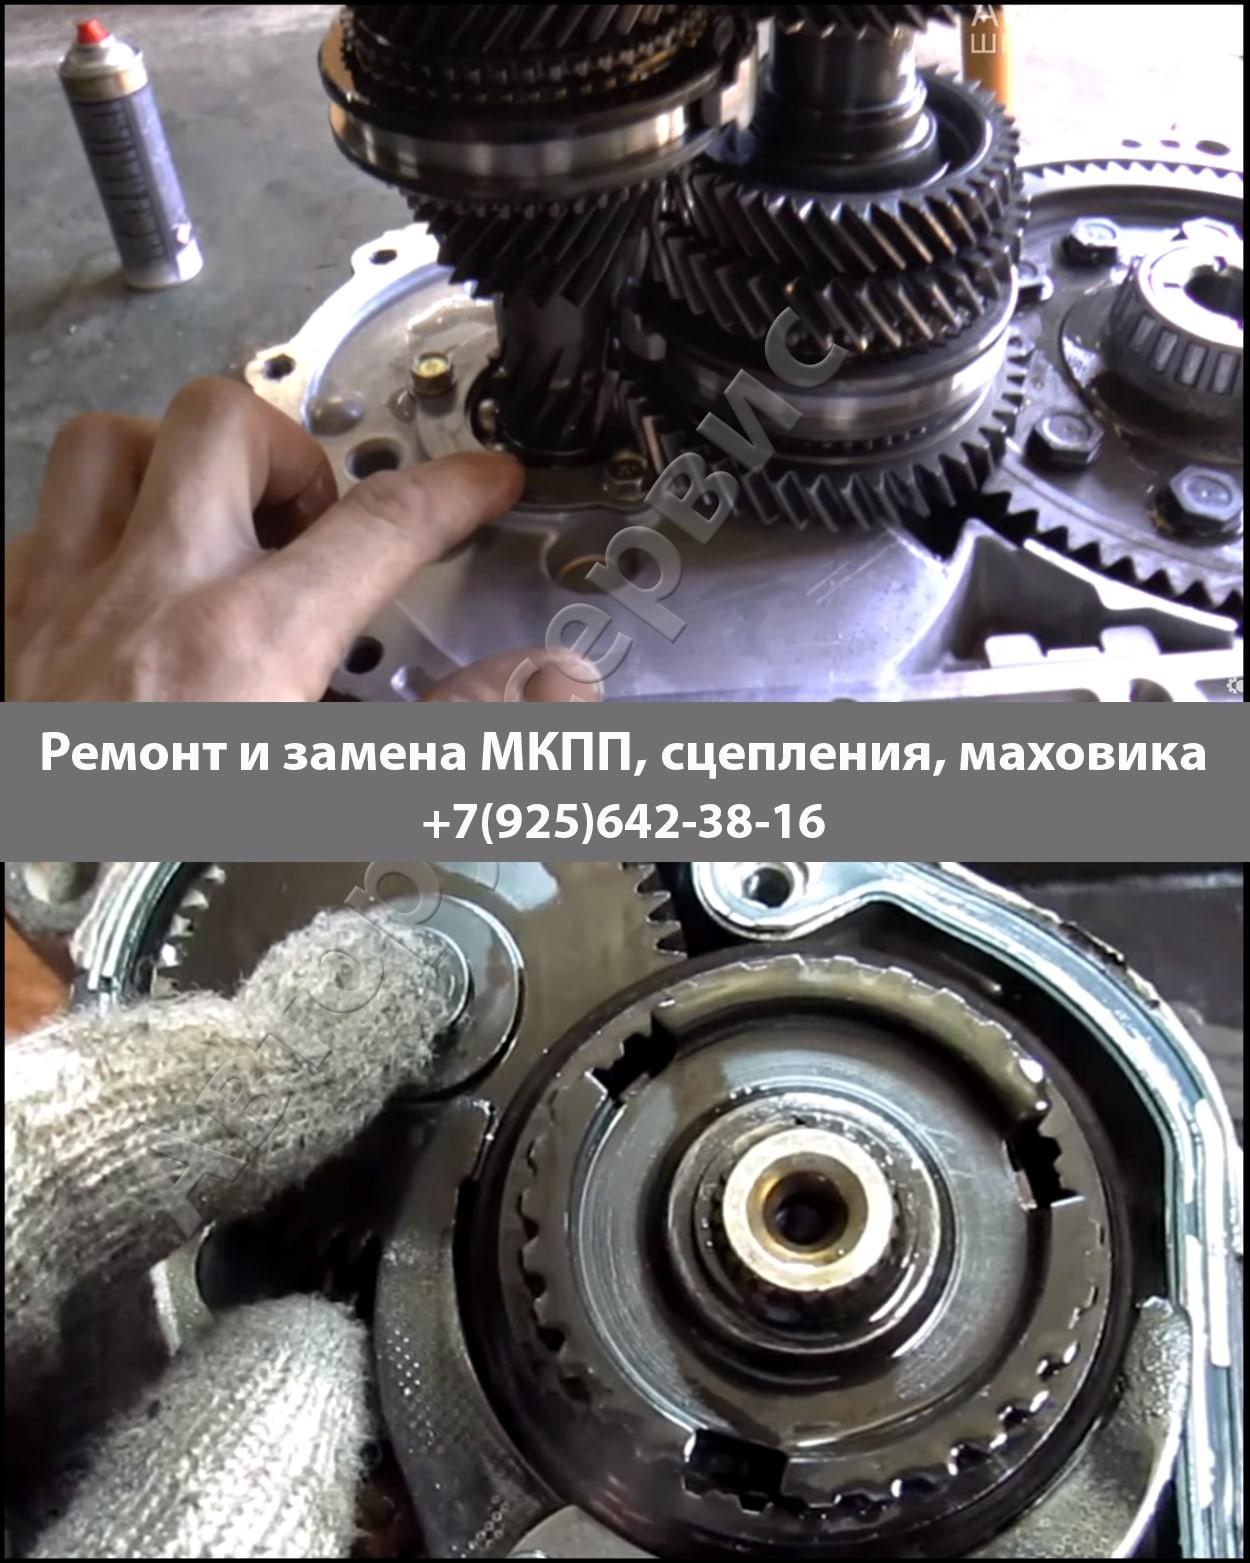 Ремонт МКПП Mitsubishi ASX